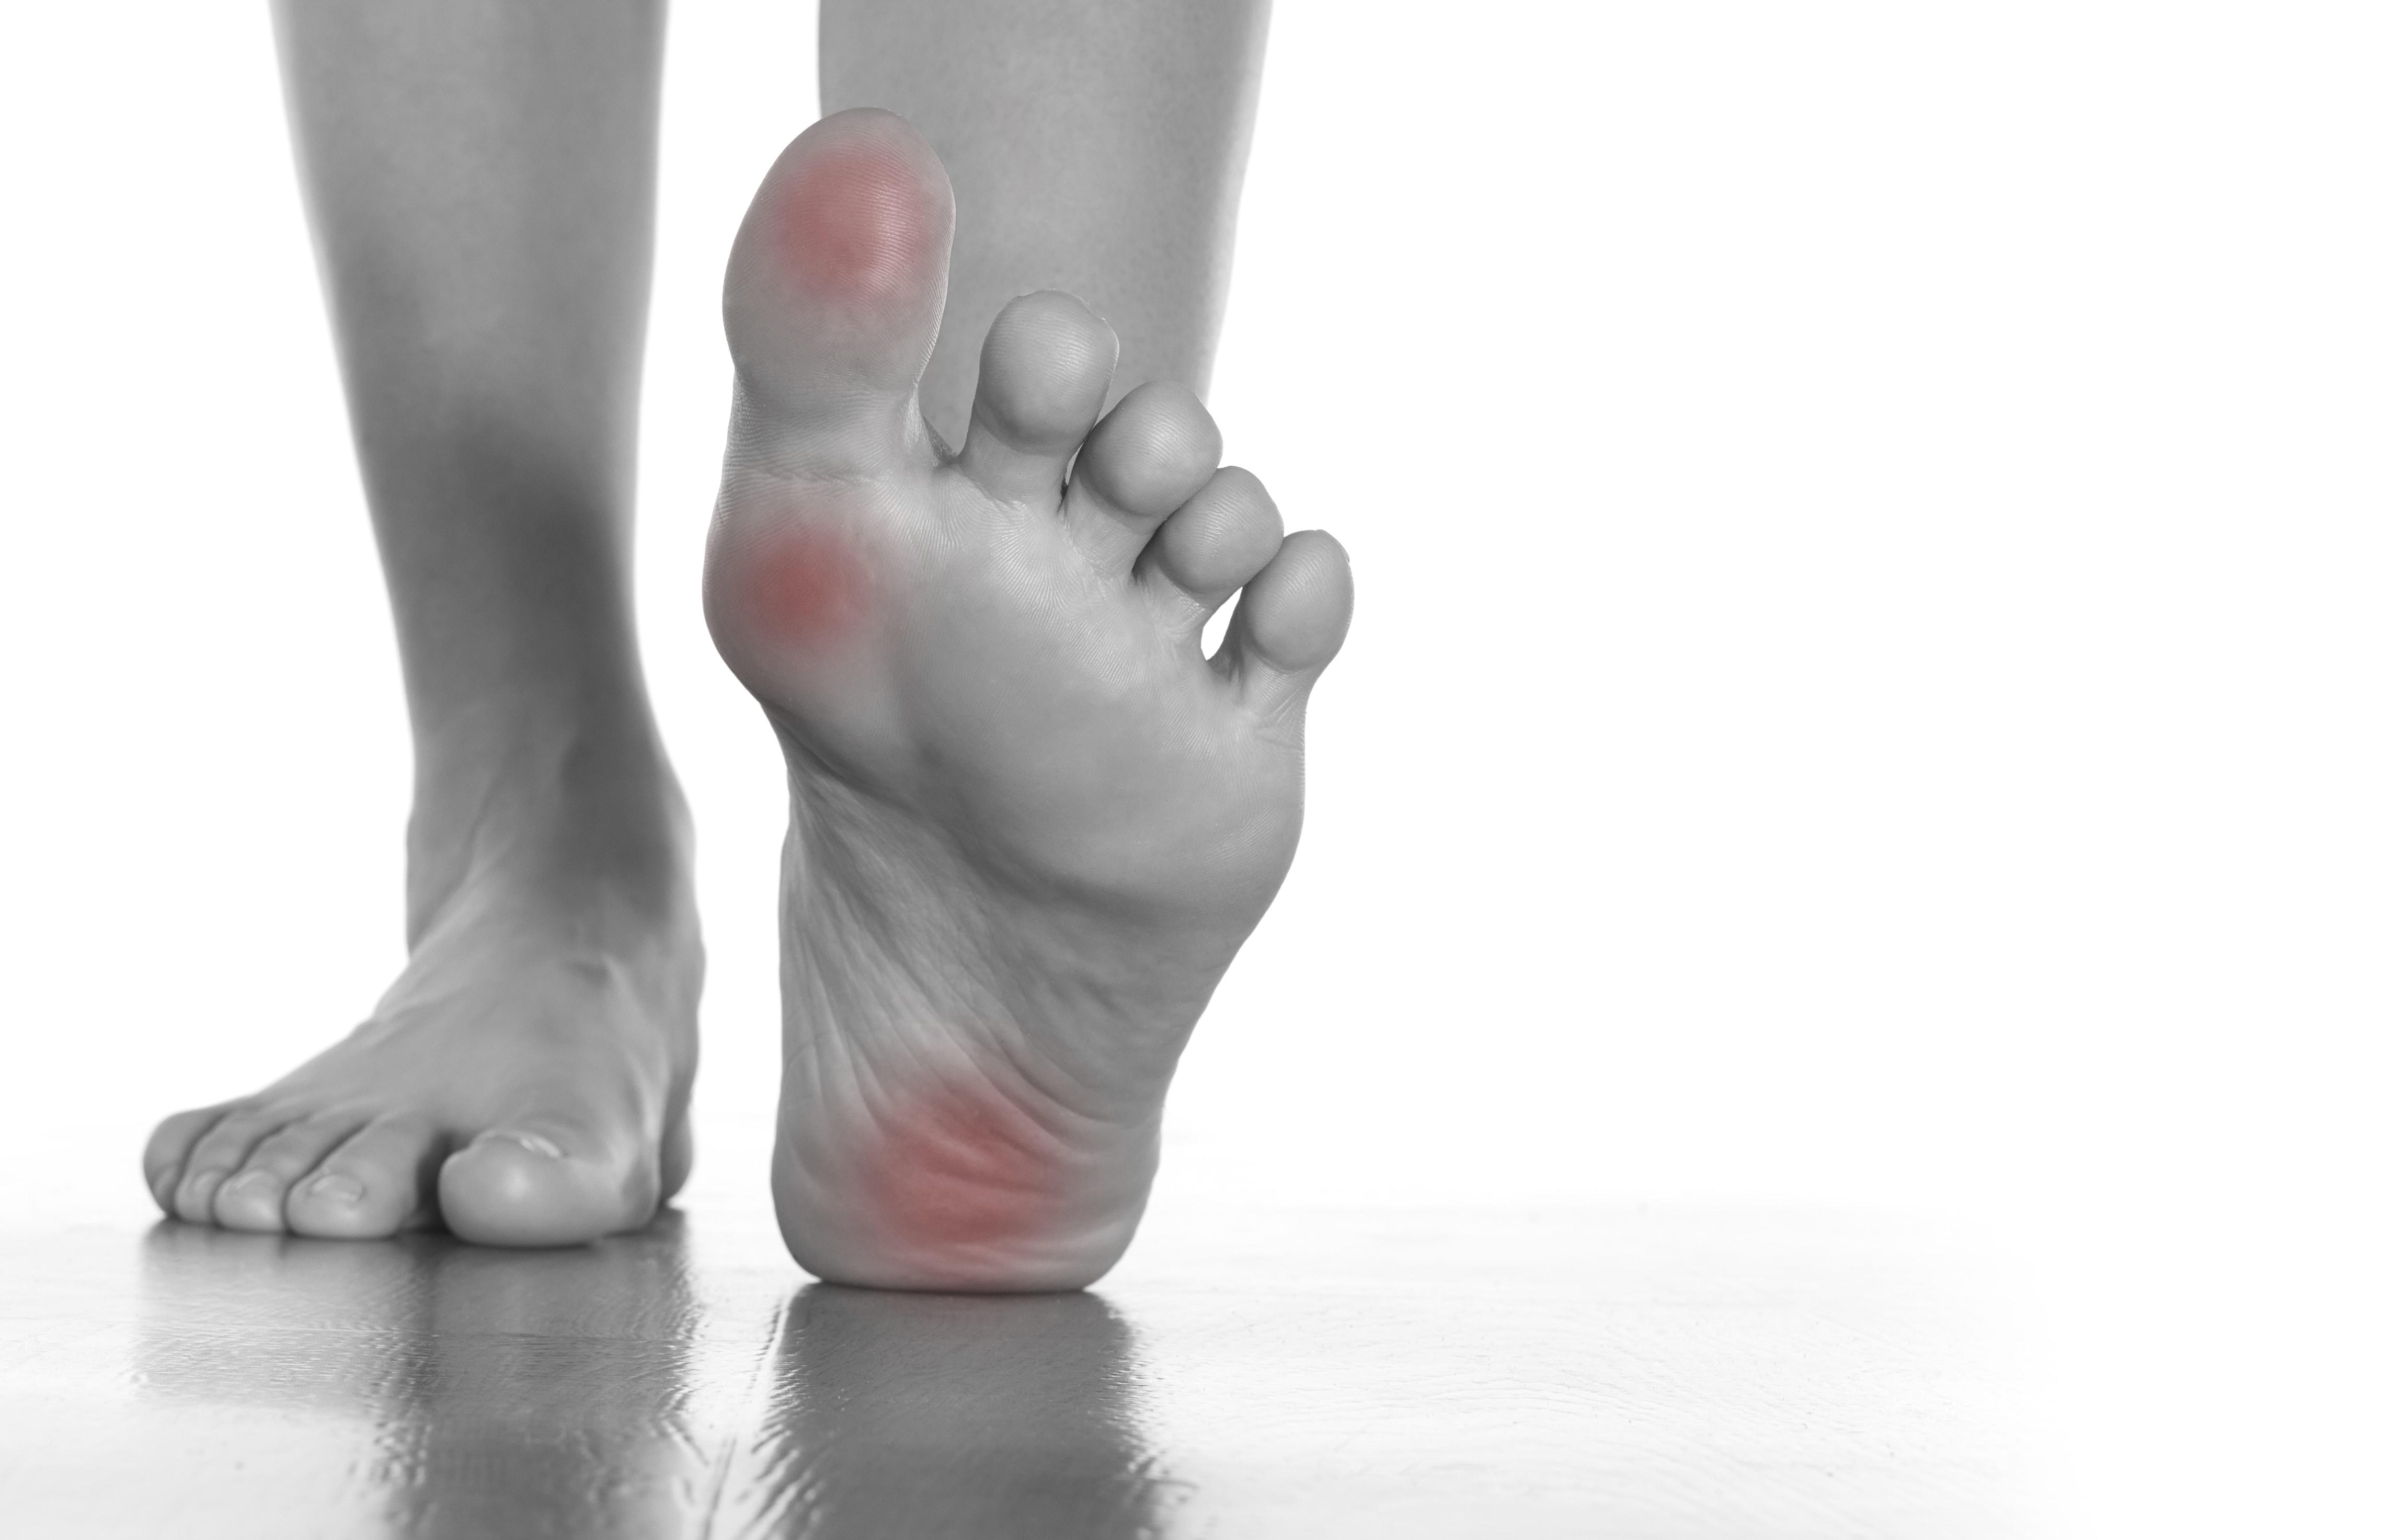 un apoyo adecuado para tus pies